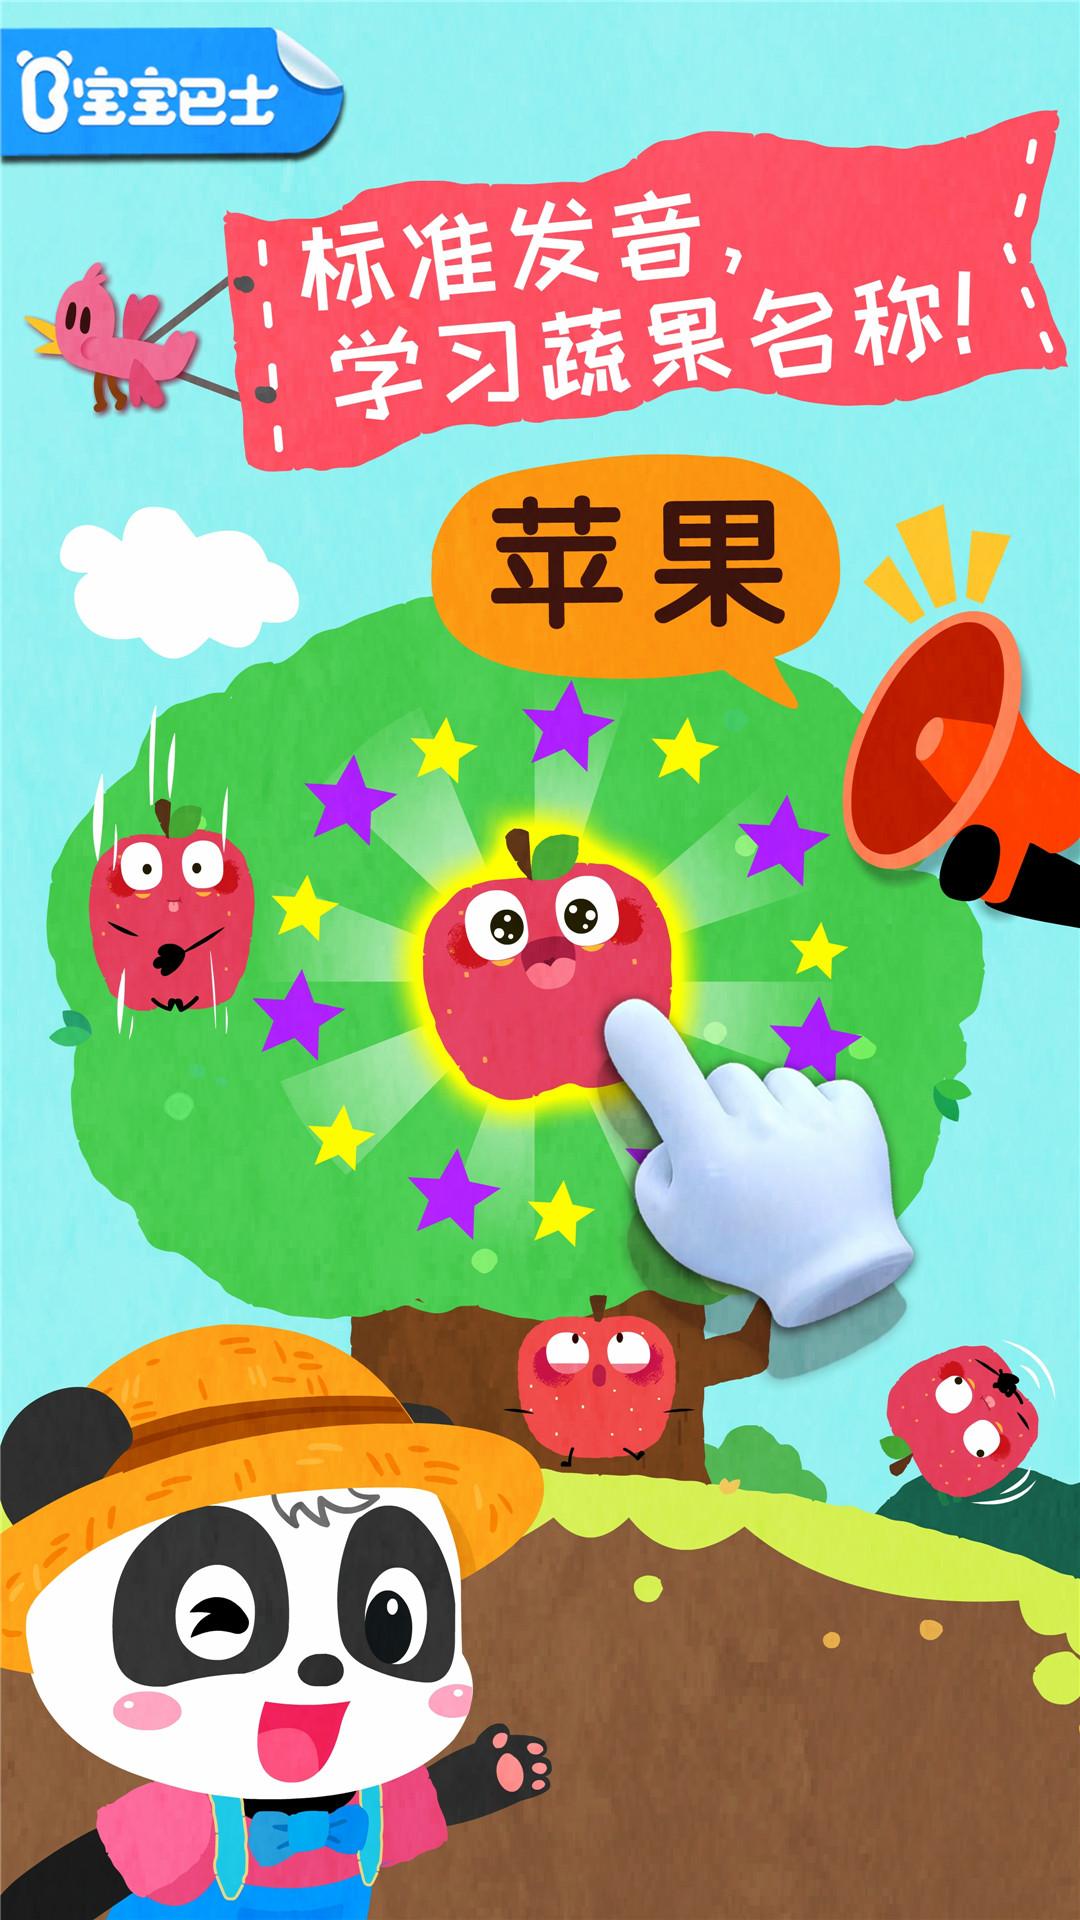 宝宝爱水果蔬菜 V9.34.10.00 安卓版截图2